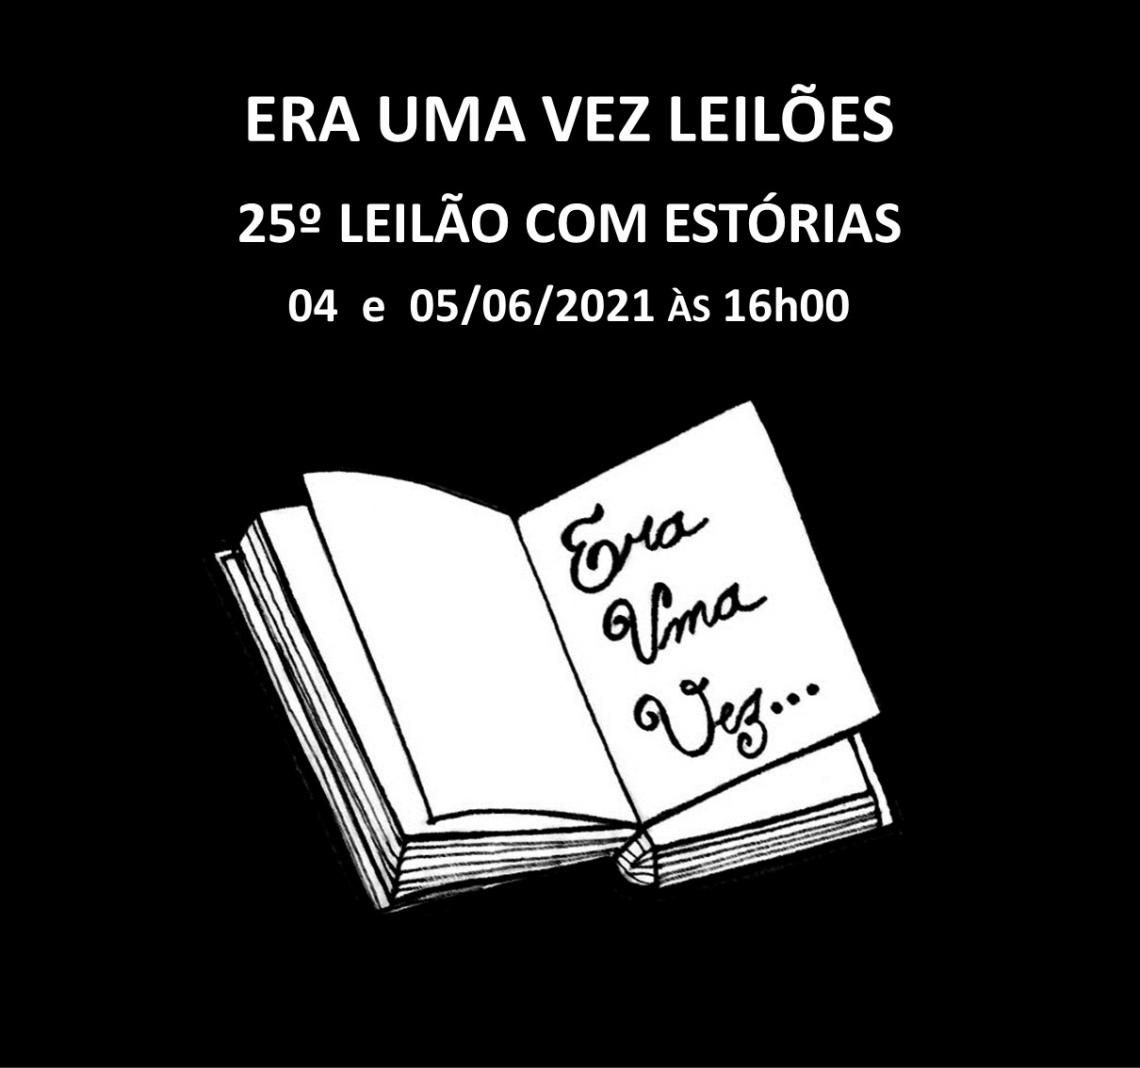 25º LEILÃO COM ESTÓRIAS - COLECIONISMO, DECORAÇÃO, PORCELANA E AFINS - 04 e 05/06/2021 às 16h00